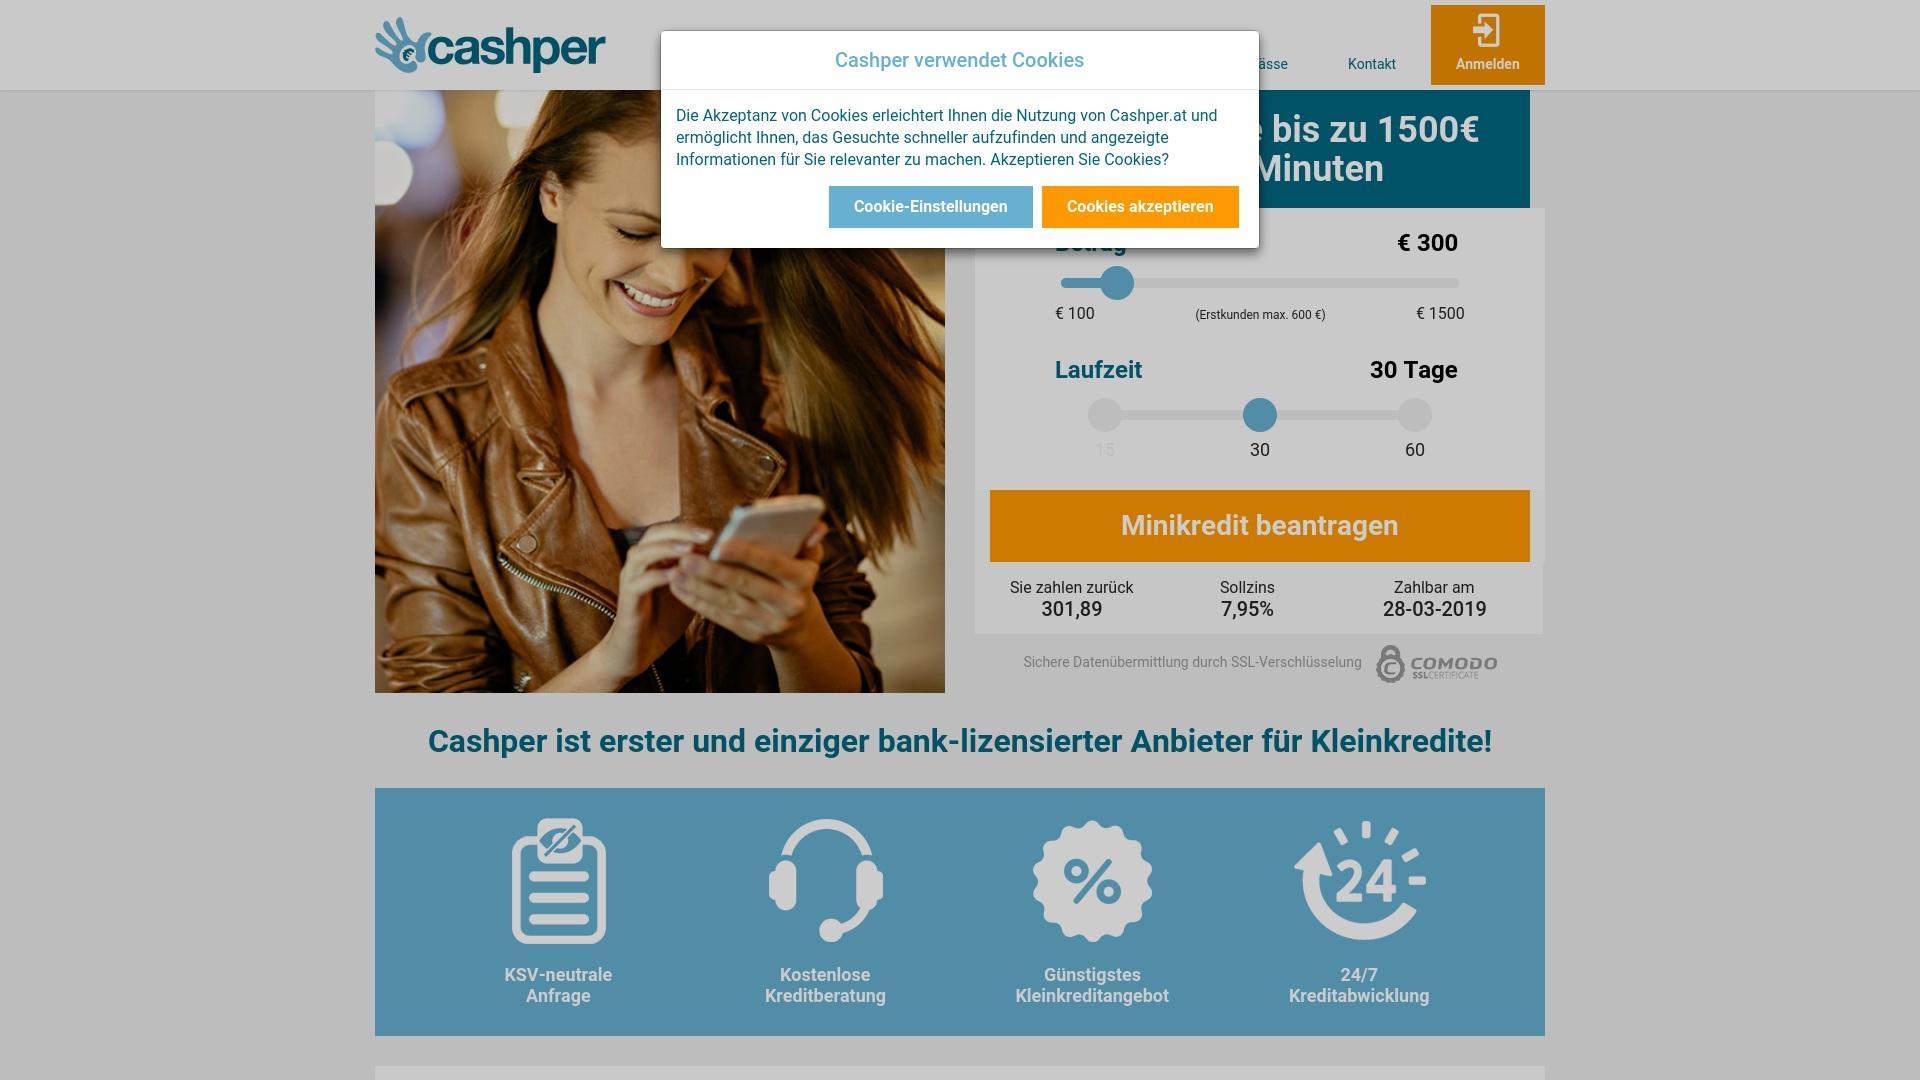 Gutschein für Cashper: Rabatte für  Cashper sichern